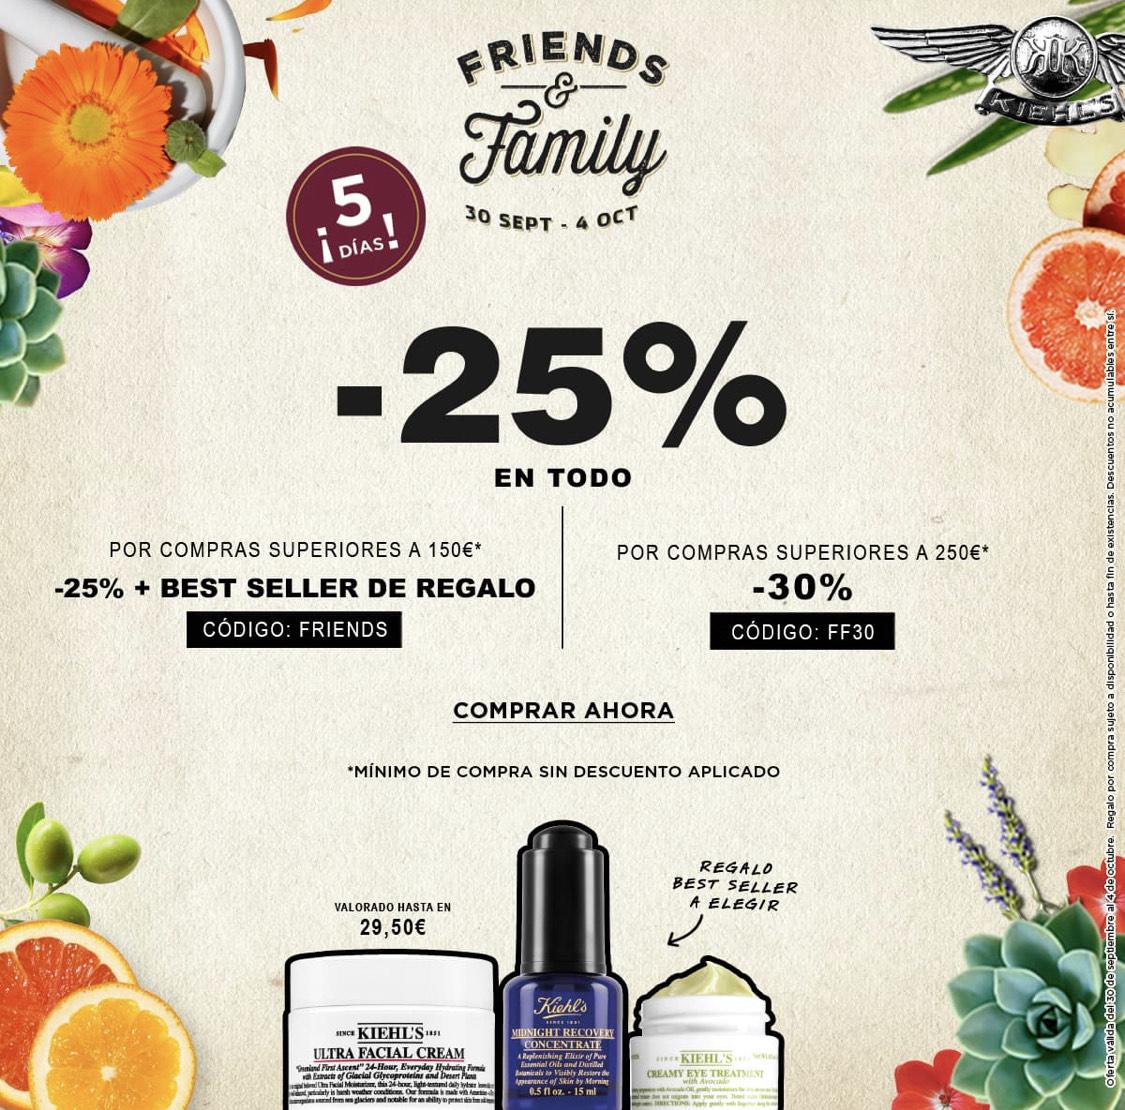 KIEHL'S - Friends & Family de Kiehl's, 25% de descuento en todas las compras